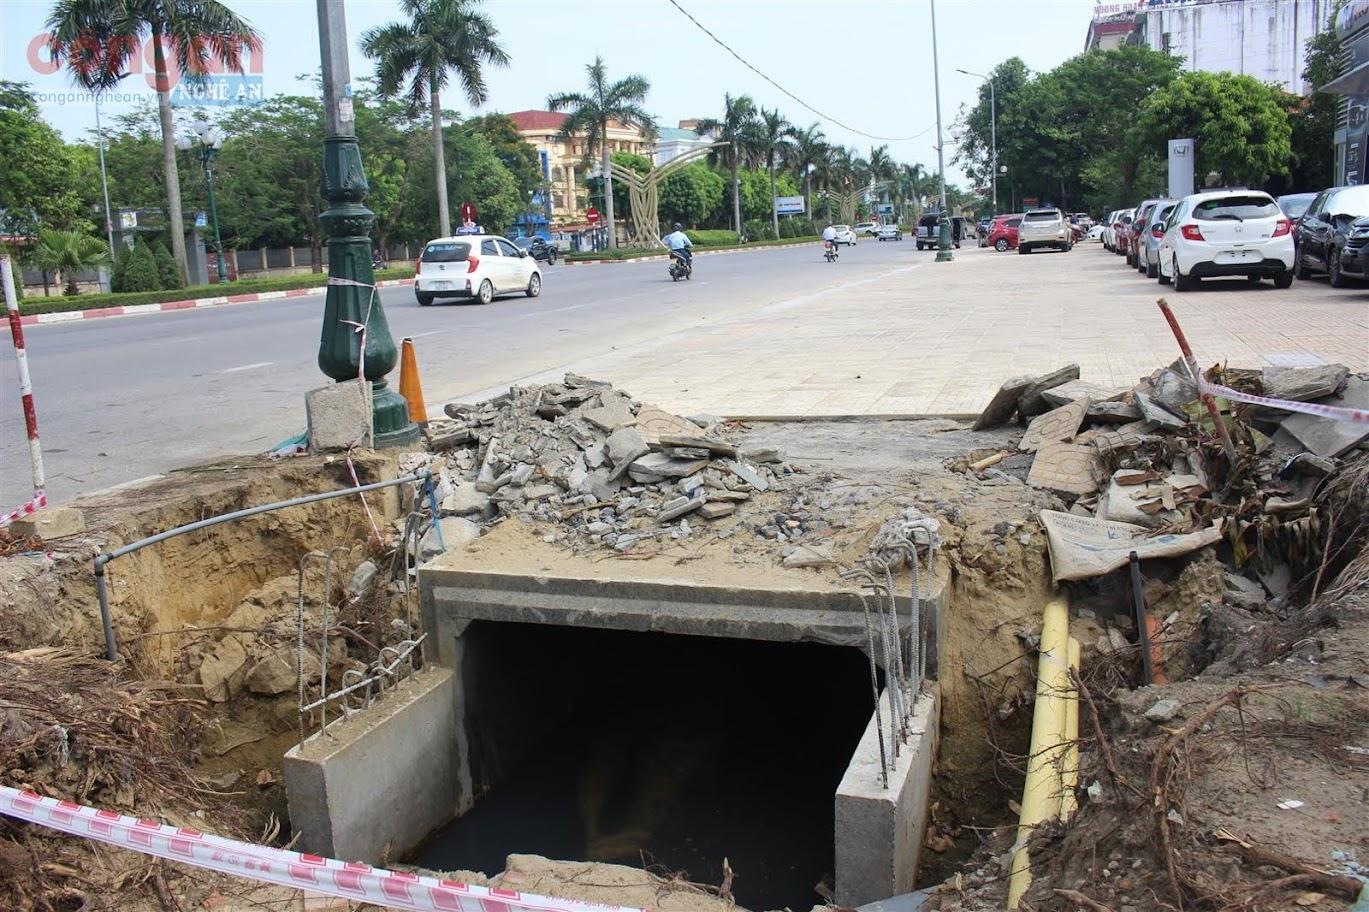 Một số hố công trình đang trong giai đoạn thi công nhưng không có rào chắn an toàn hay bất kỳ biển cảnh báo nào gây nguy hiểm cho người đi đường và làm mất mỹ quan đô thị.